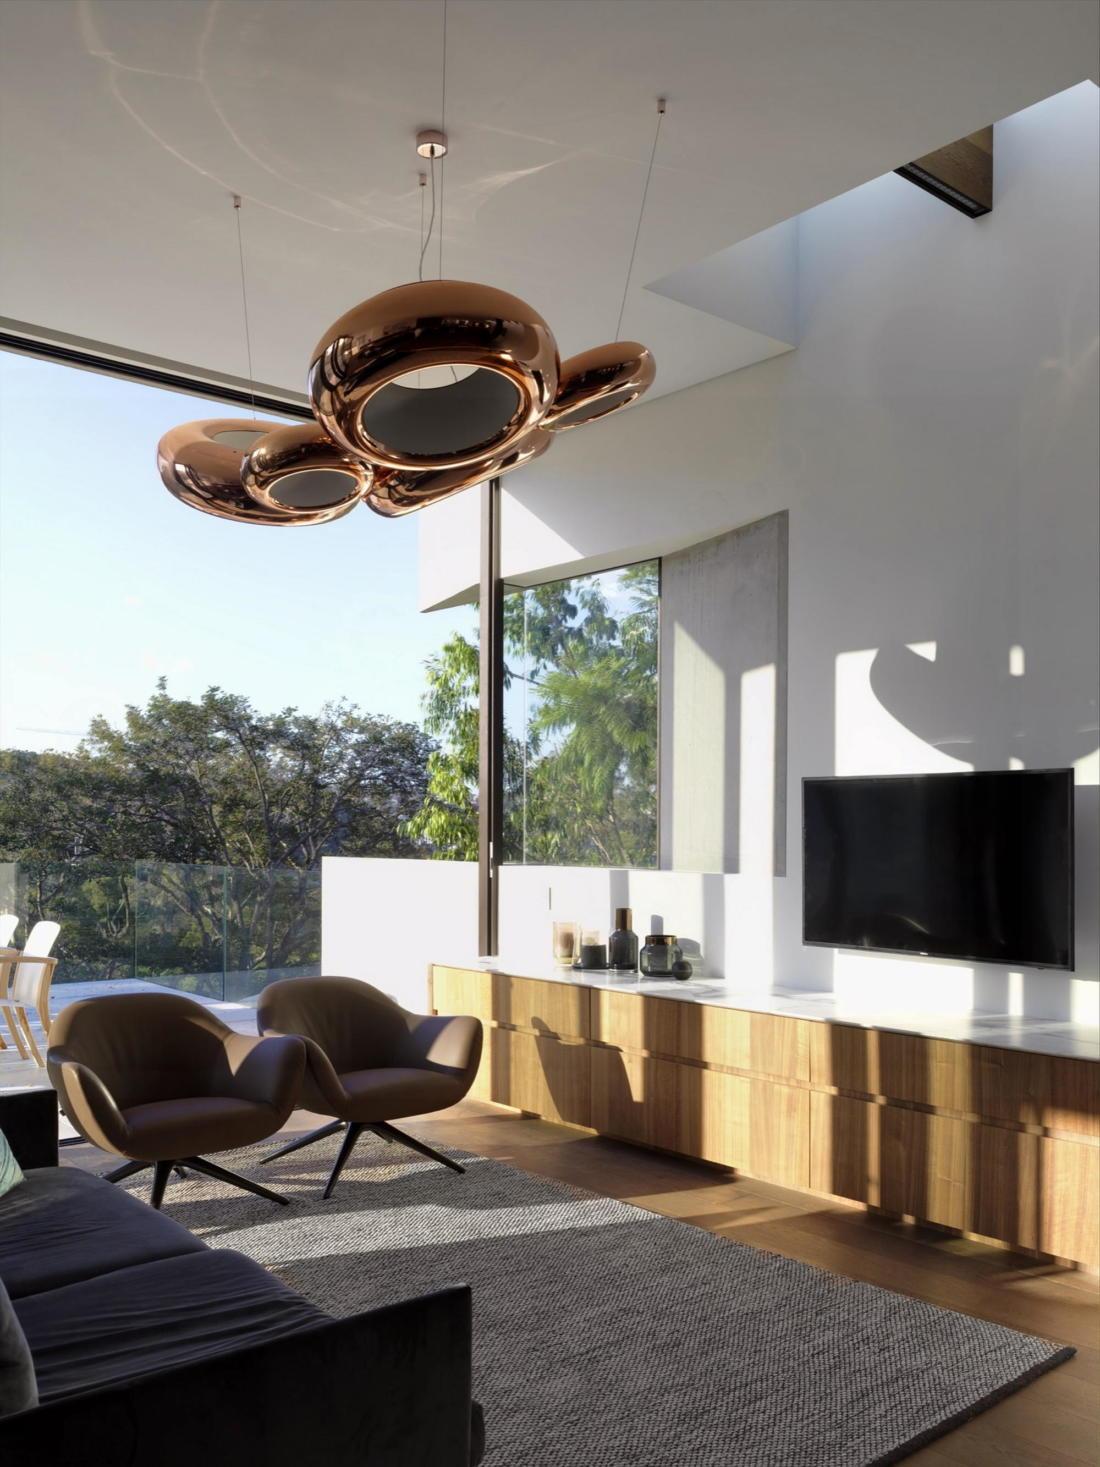 Просторный дом в Австралии от студии Rolf Ockert Design 16